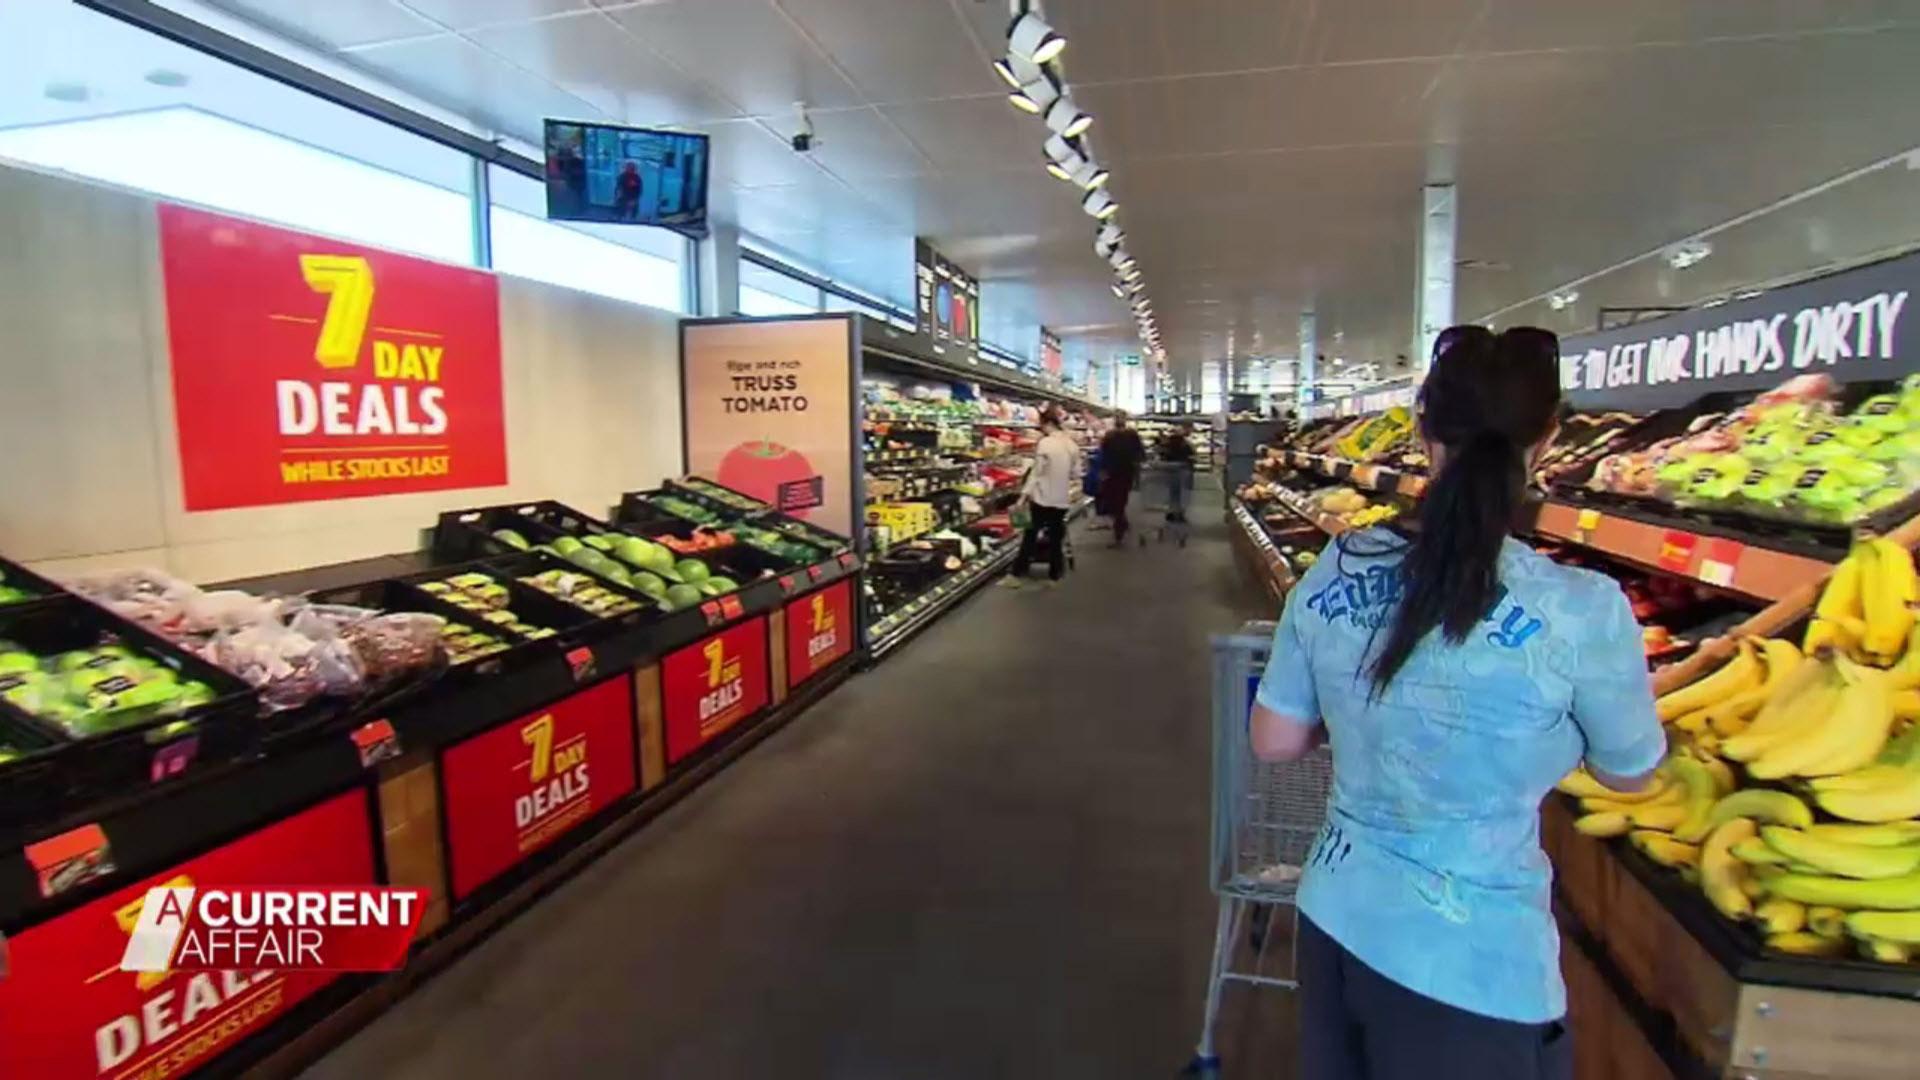 An aisle in an Aldi shop